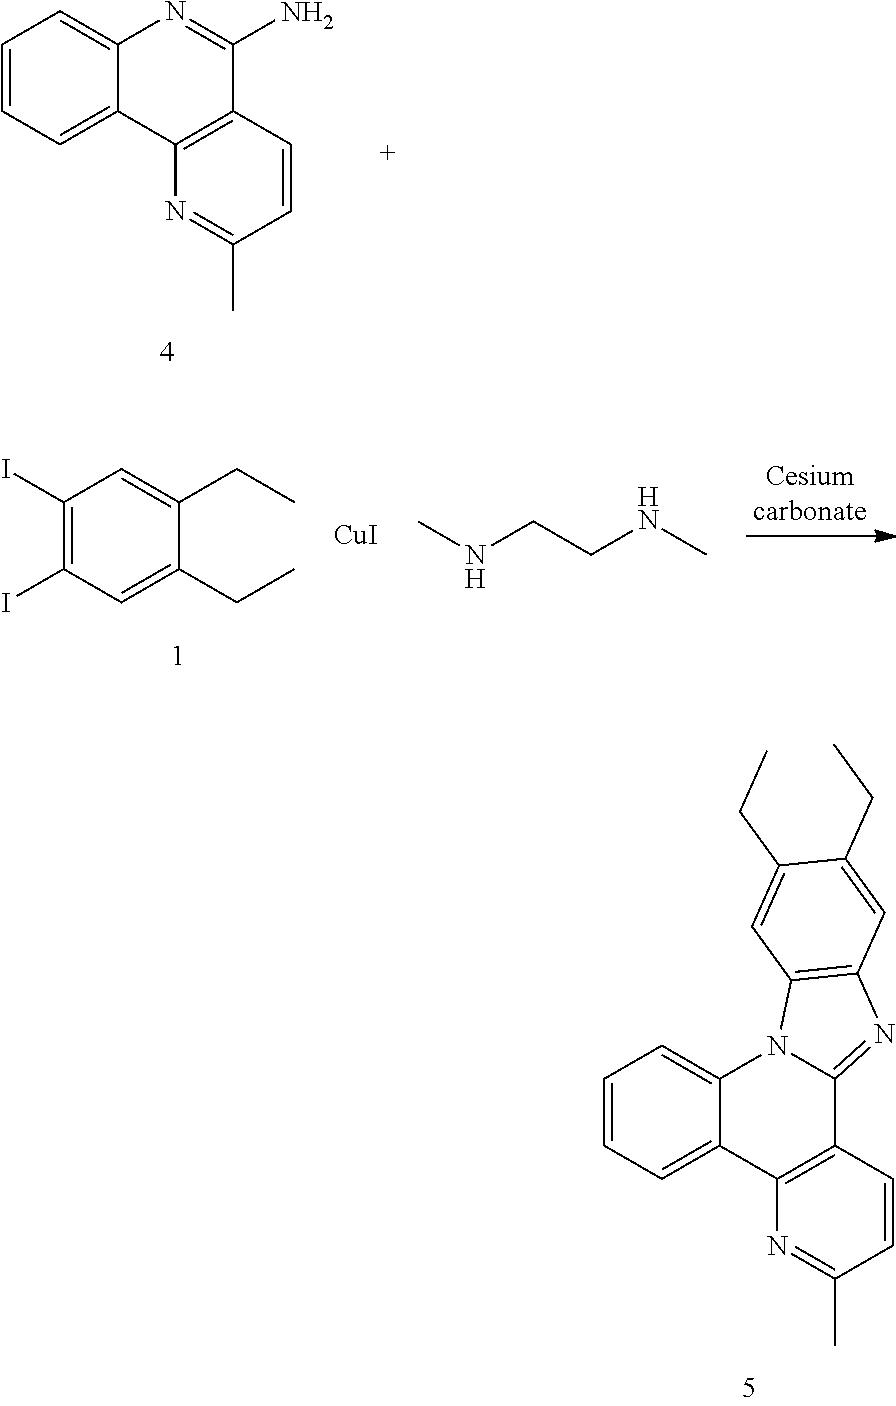 Figure US09905785-20180227-C00381